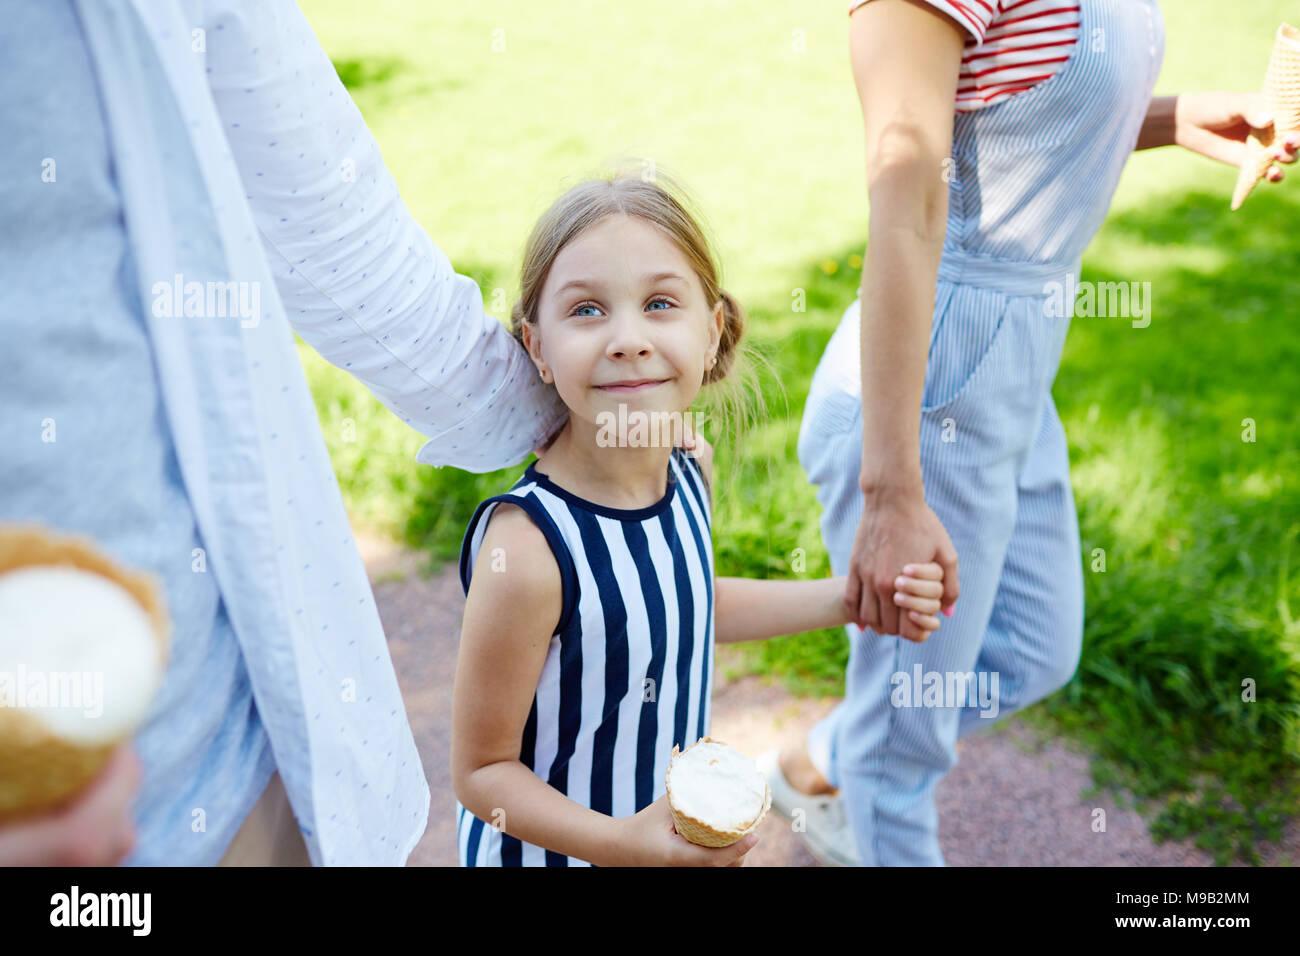 Walk with ice-cream - Stock Image